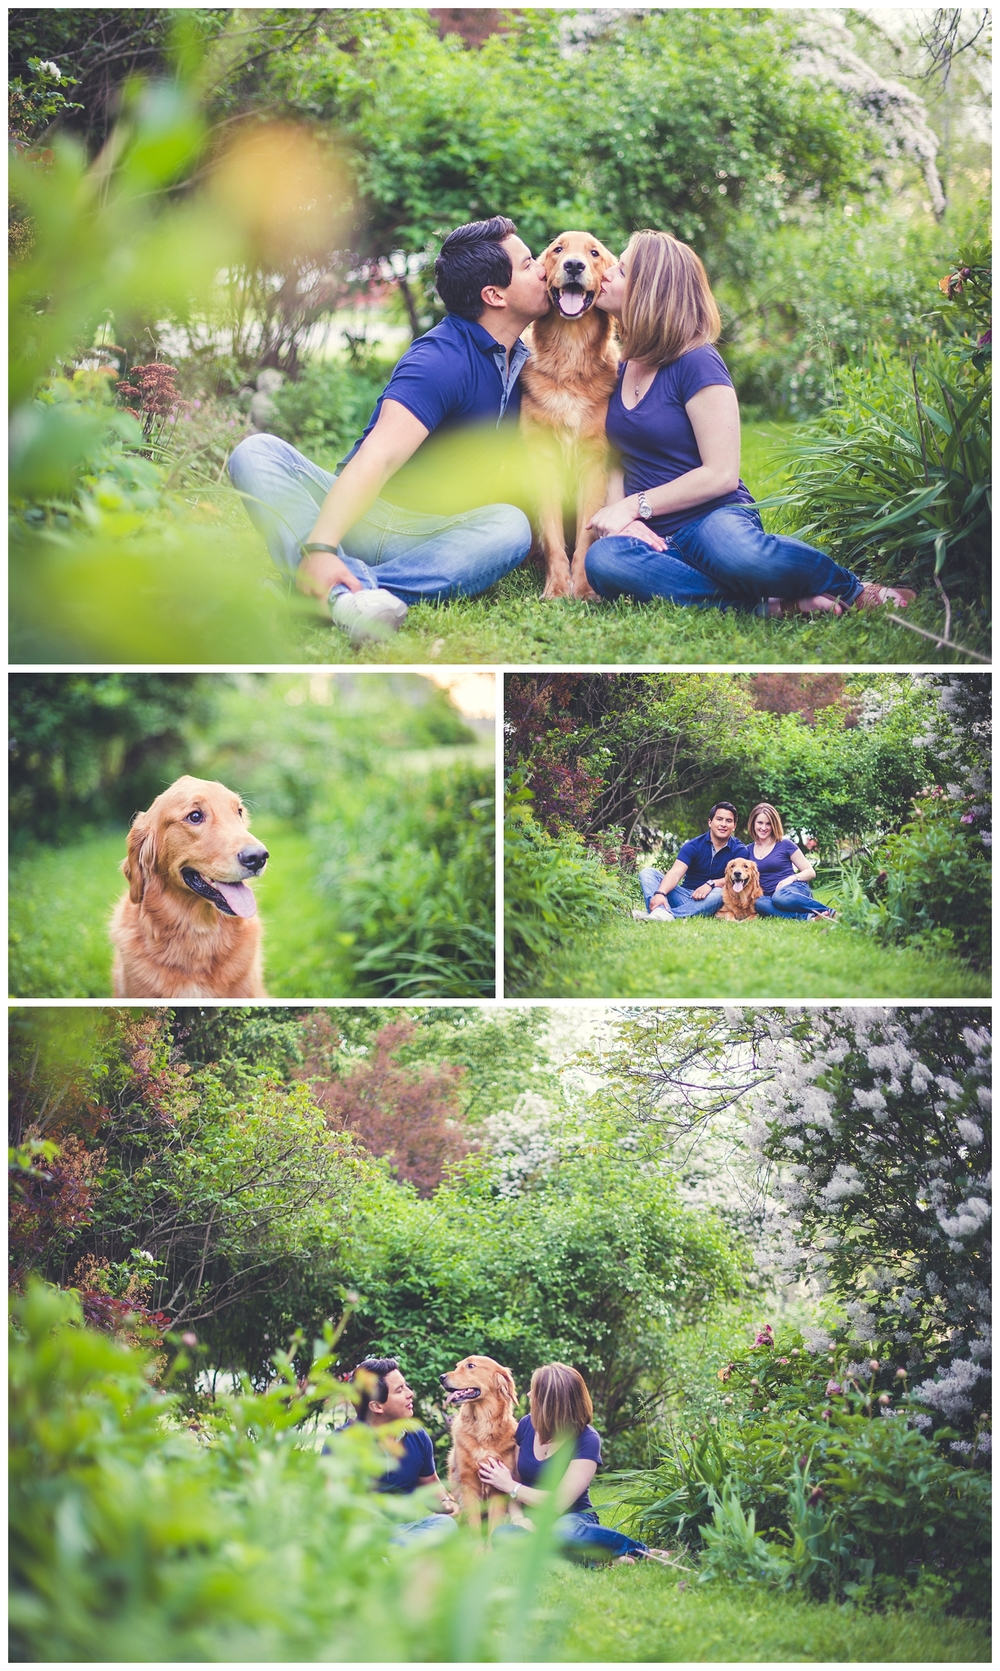 By Kara Photo-Family-Family Photography-Family Photographer-Central Illinois- Central Illinois Wedding and Portrait Photographer-Illinois Photographer